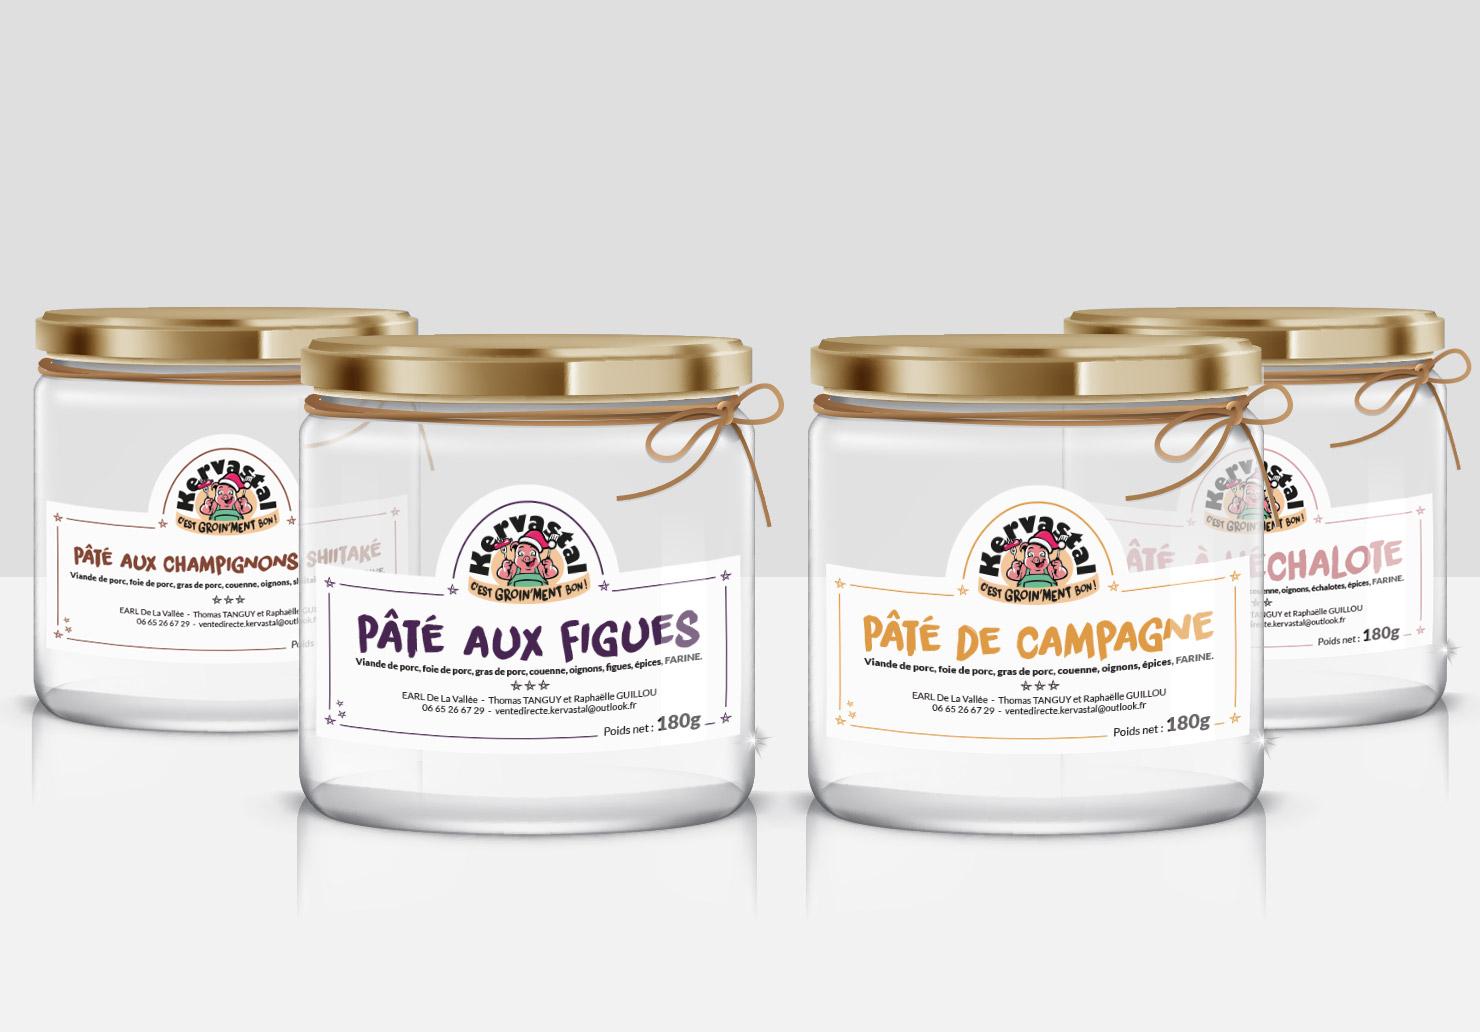 Etiquettes de bocaux pour La Ferme de Kervastal - Packaging réalisé par Emilie Le Béhérec Prima (Graphiste freelance web et print)